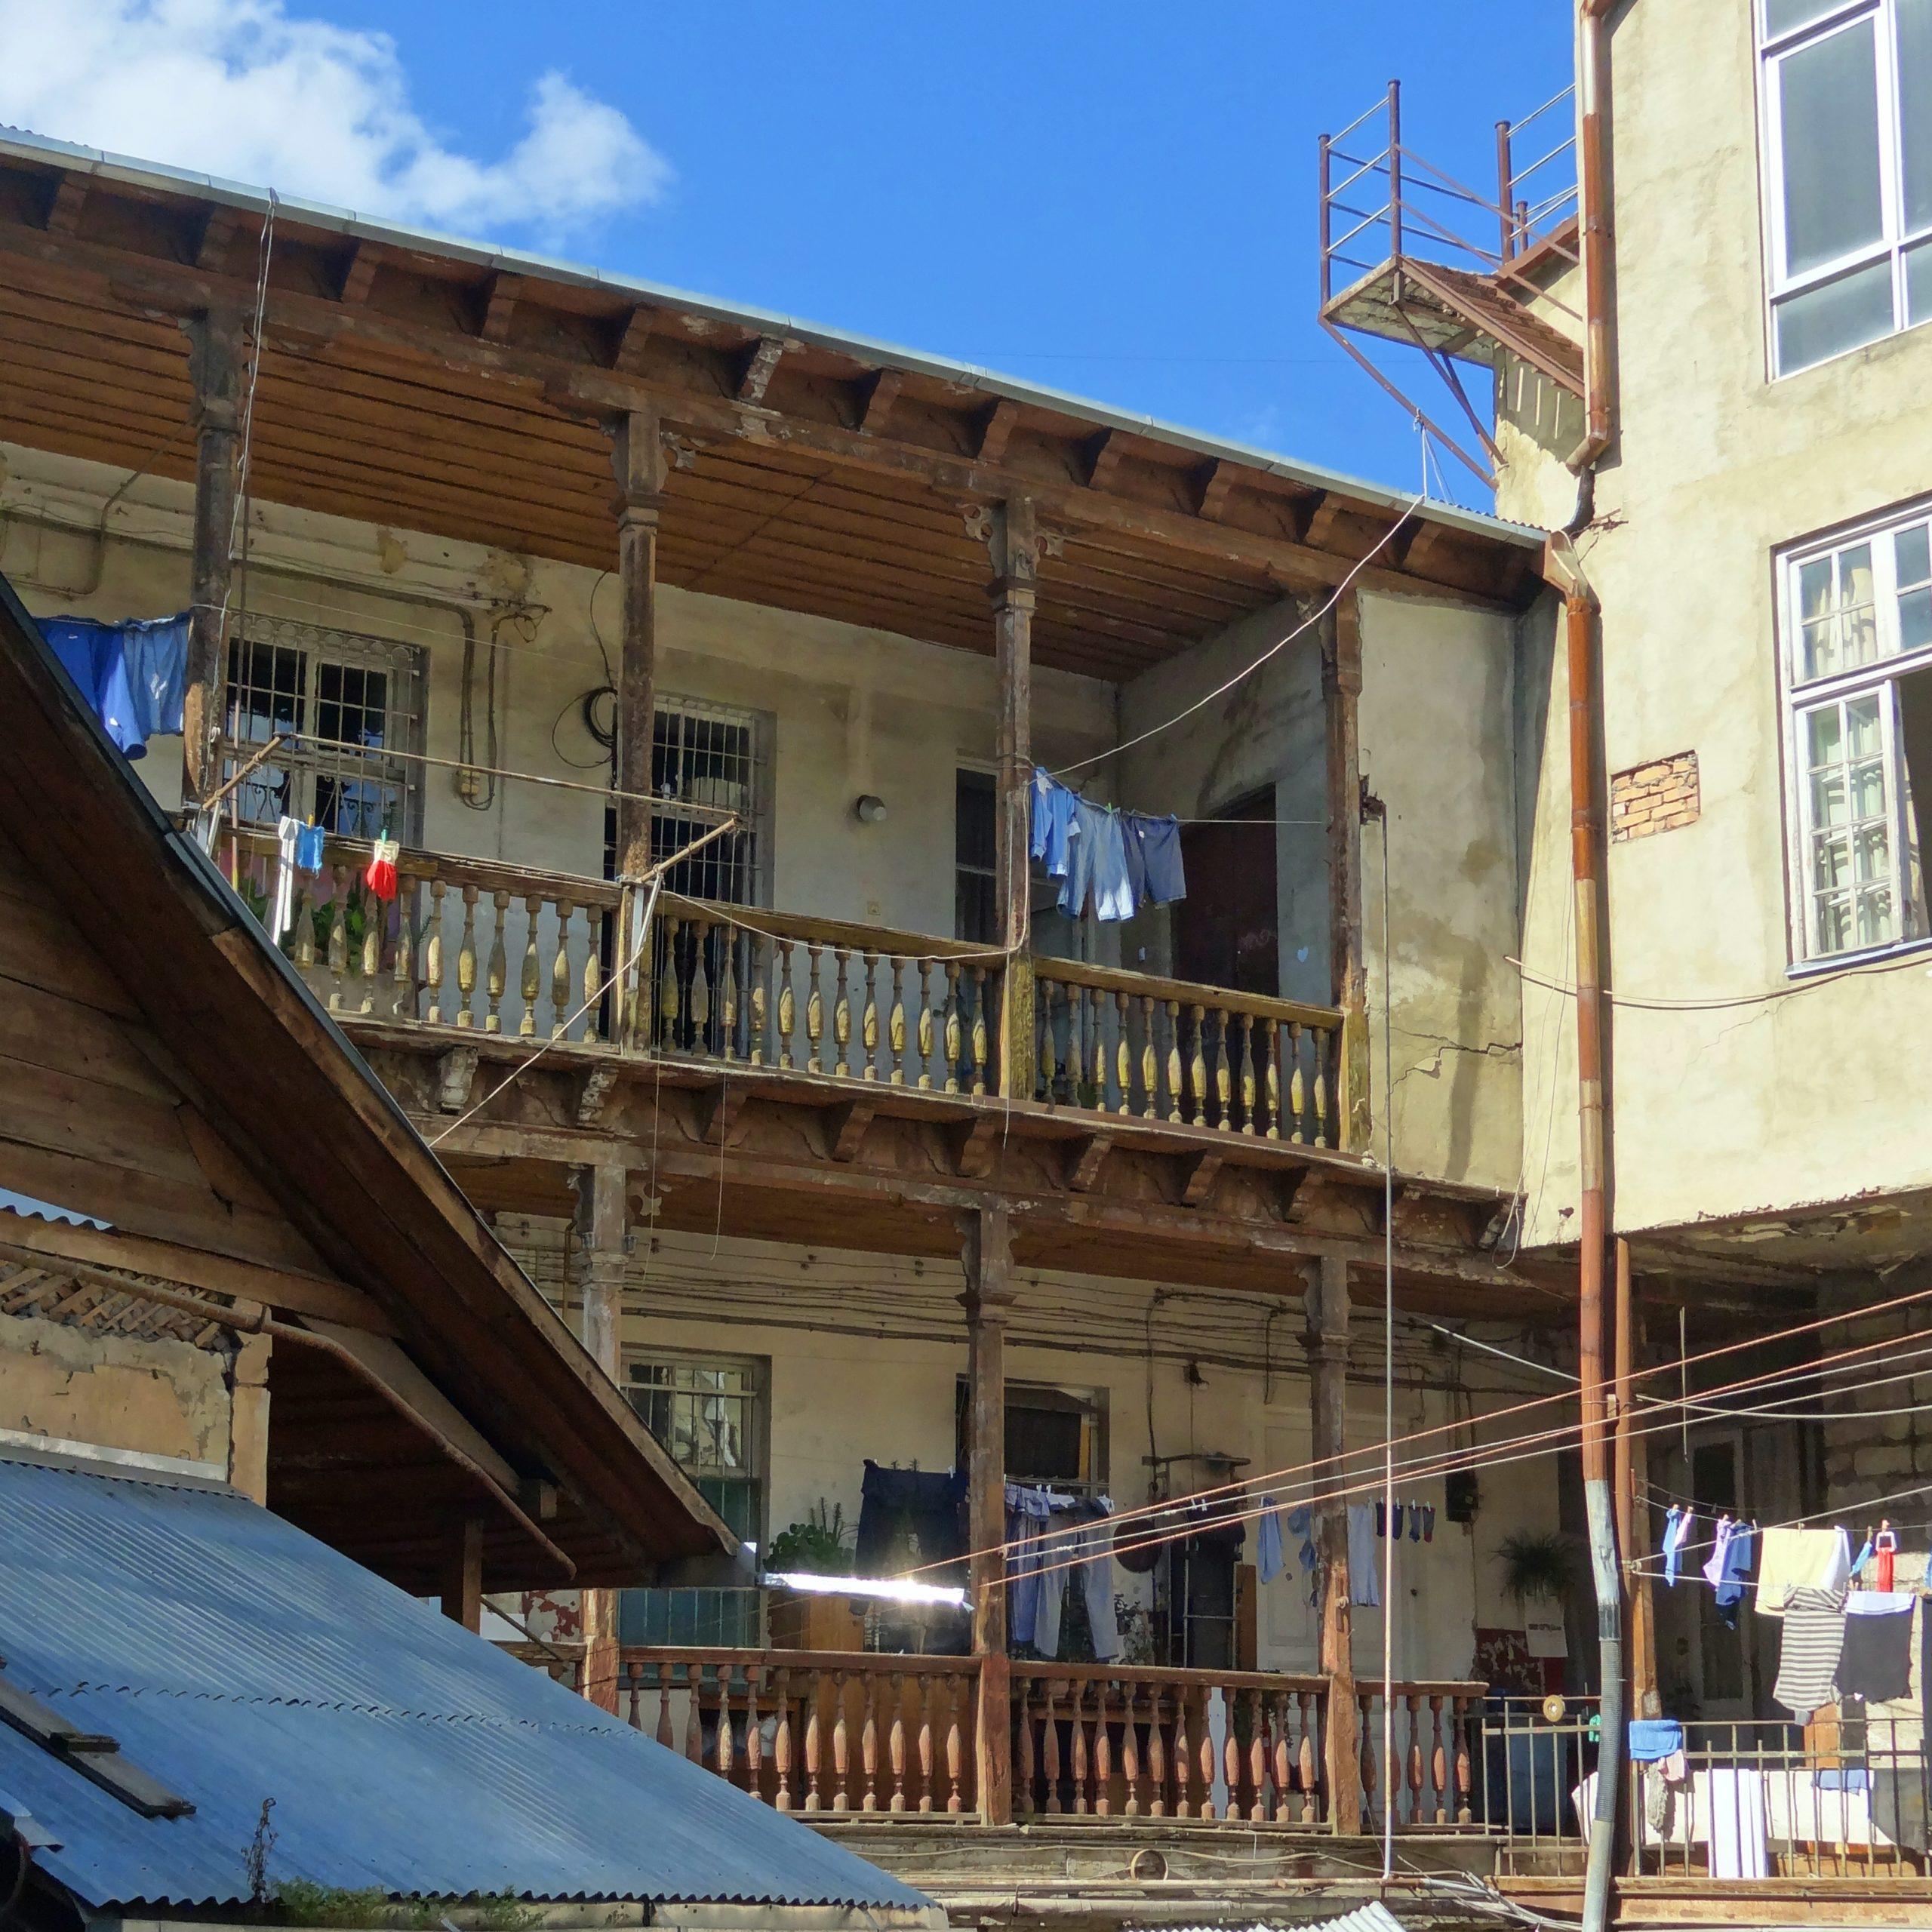 Tino Schlench - Literaturpalast - Tiflis - Wohnhaus mit Wäscheleine